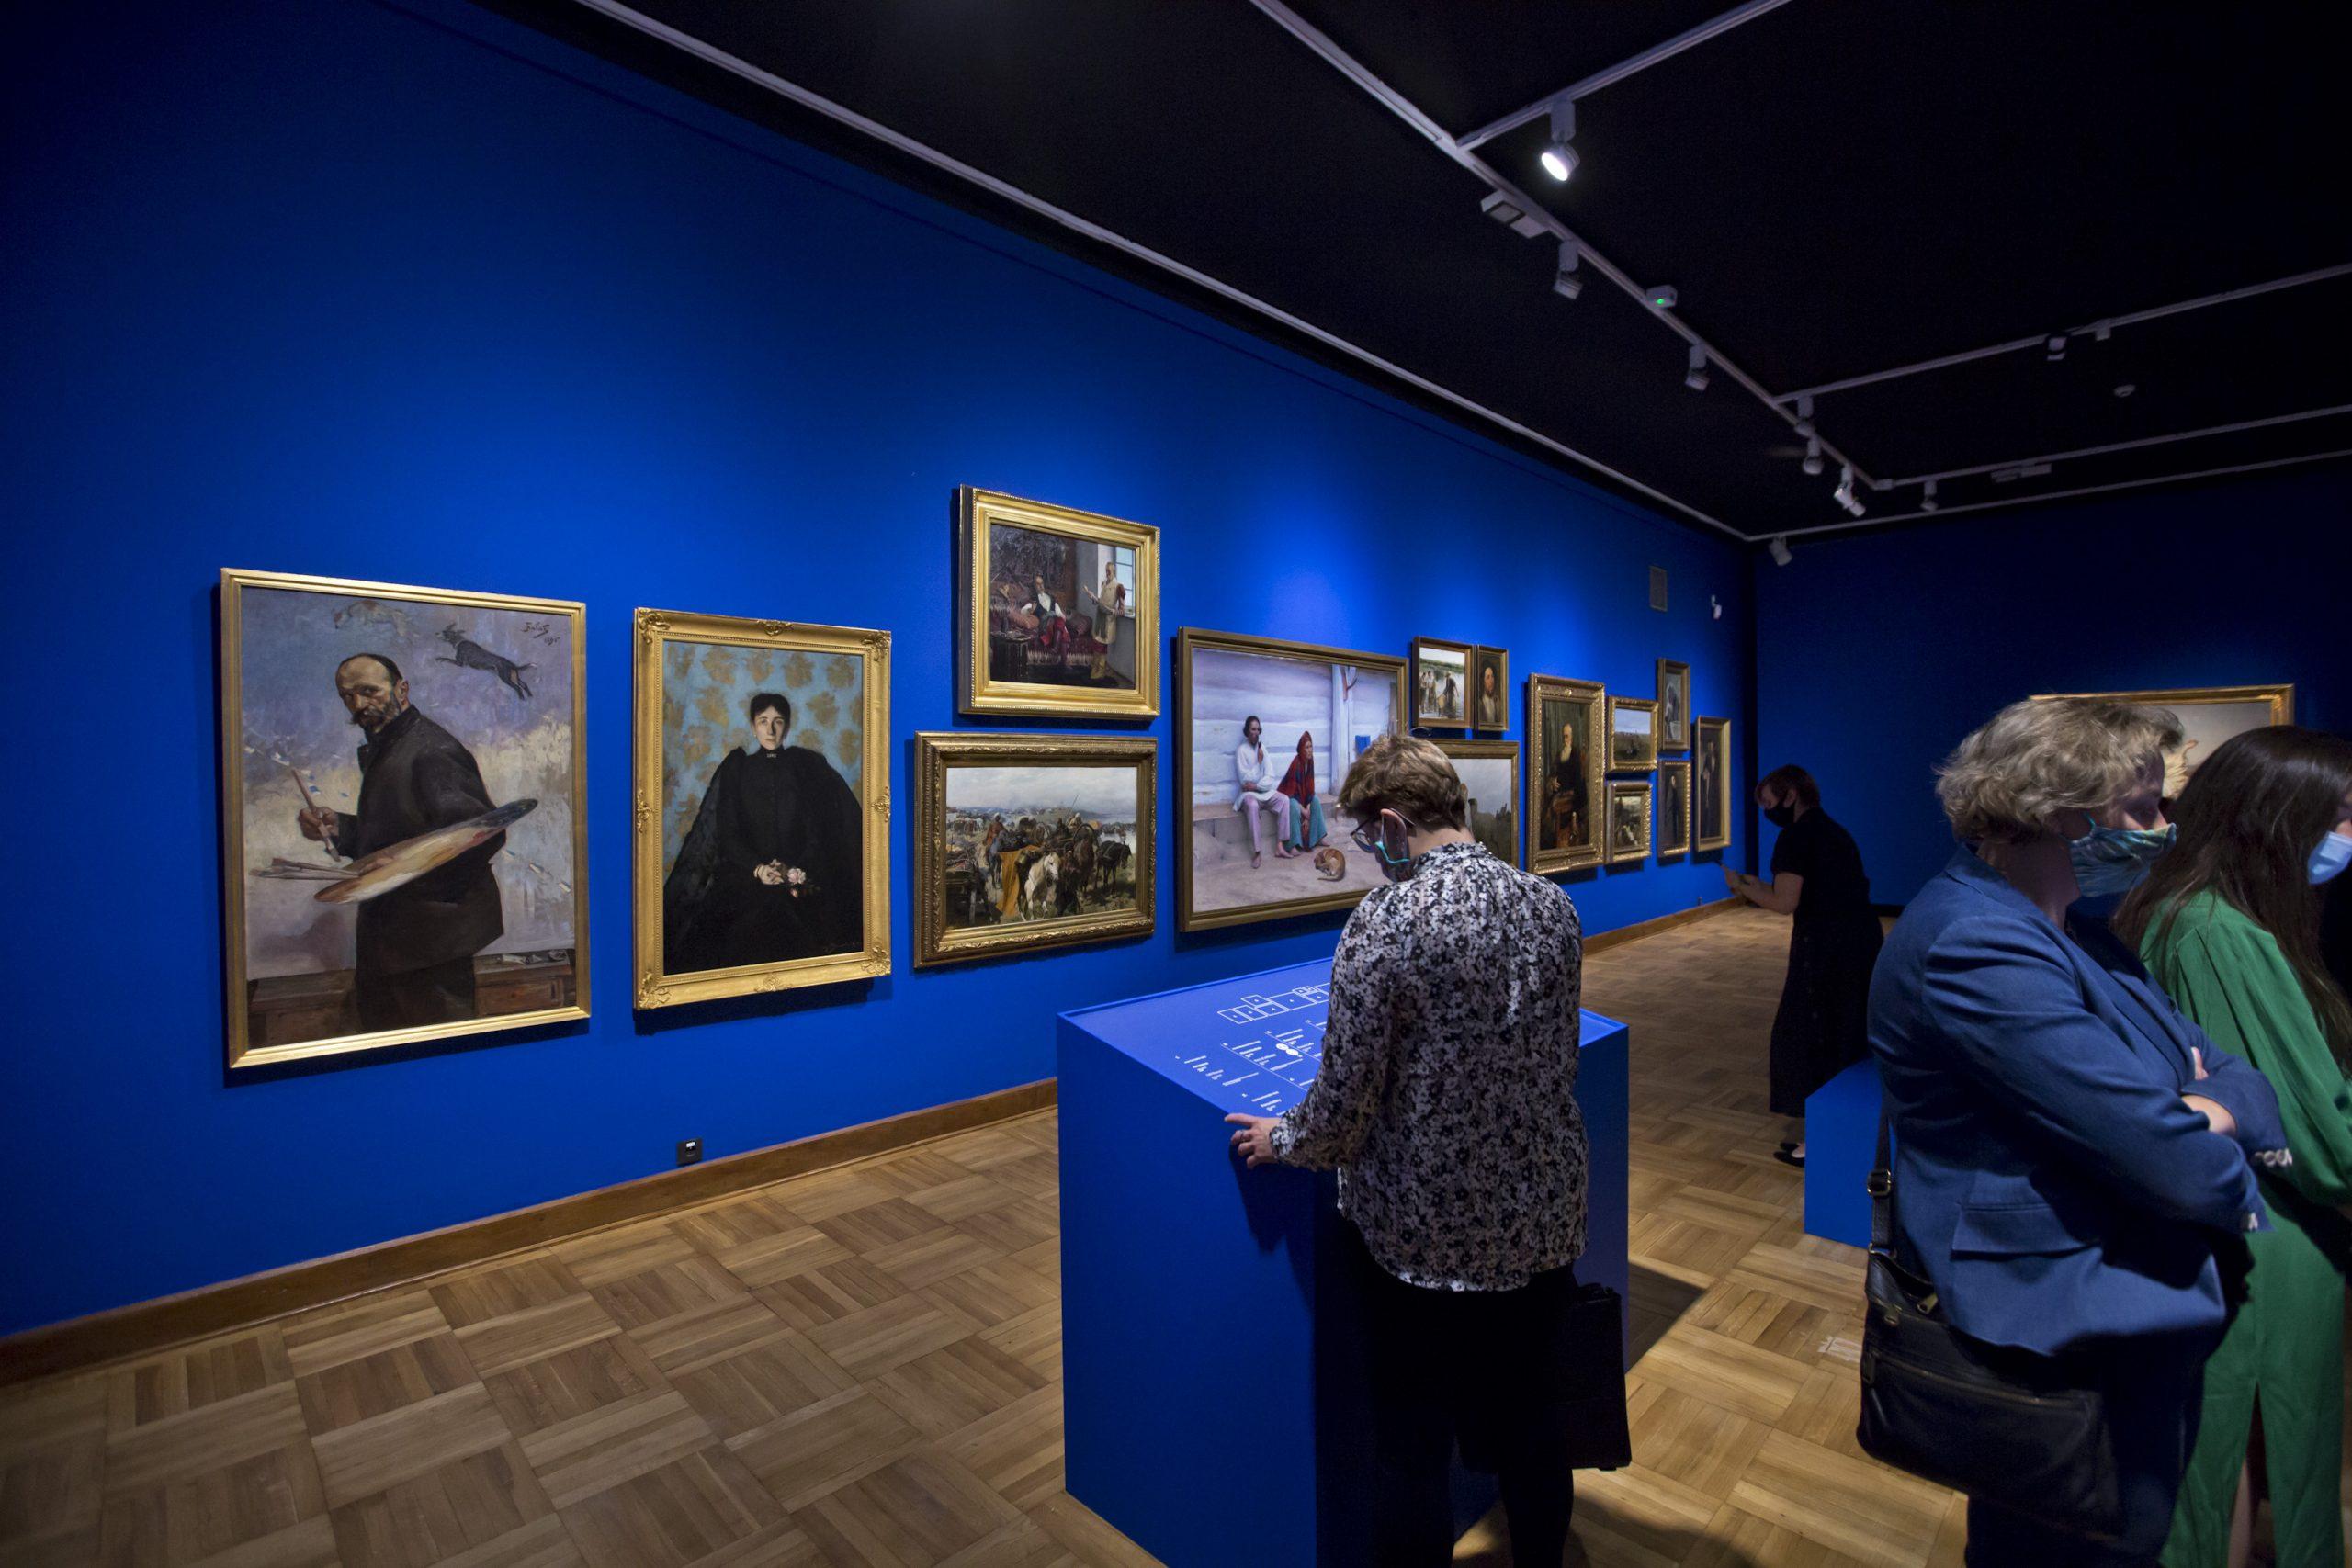 ściana z zawieszonymi obrazami, na pierwszym planie kobieta przy ekspozytorze